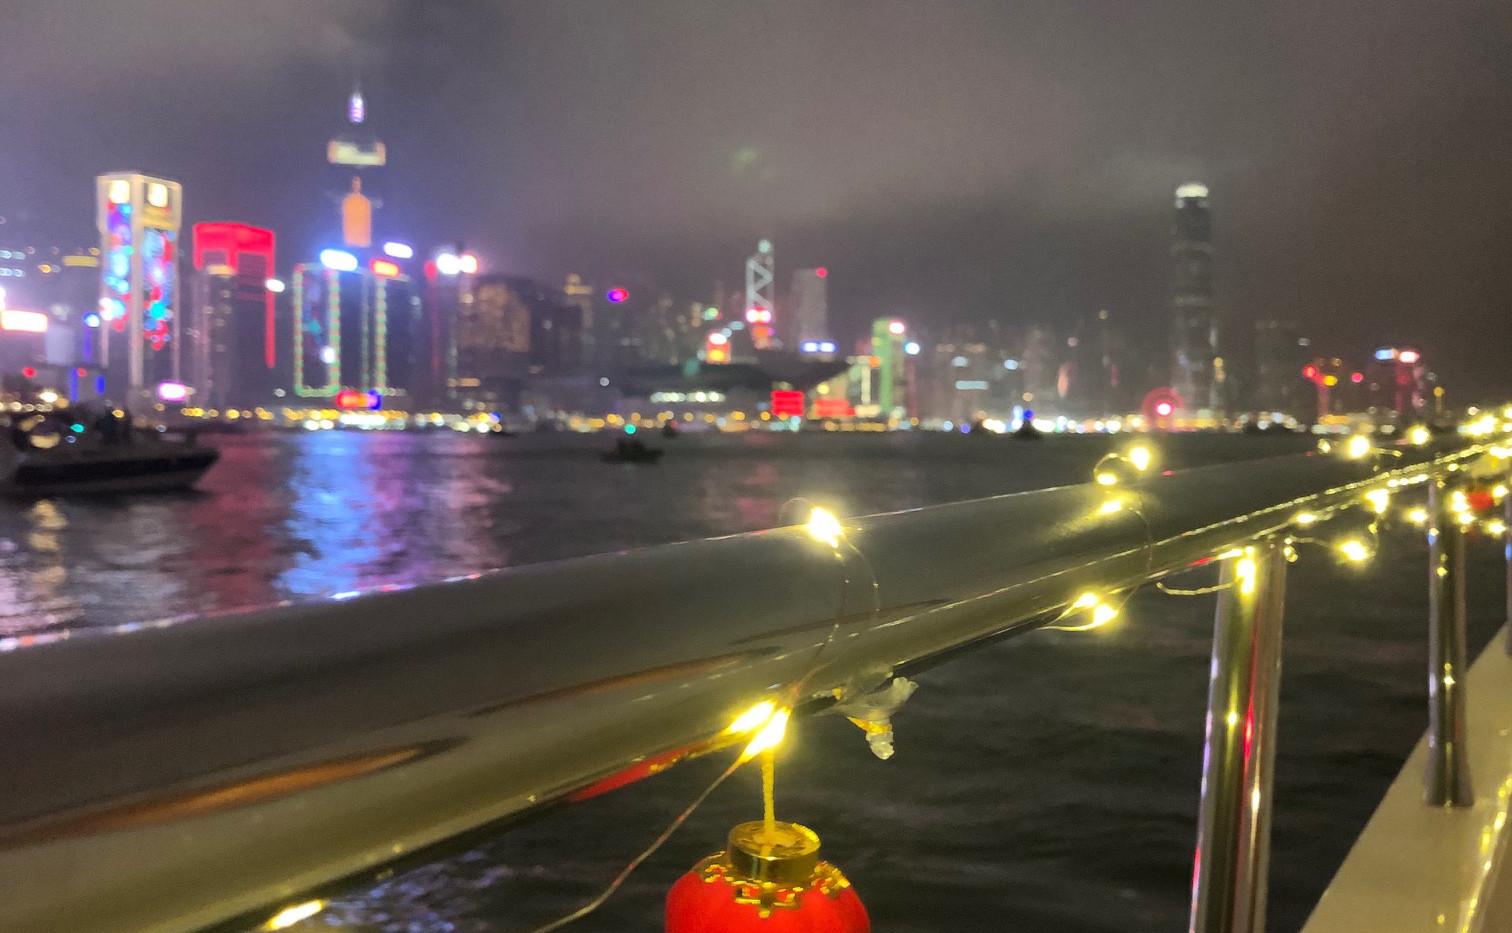 CNY fireworks on Infinity